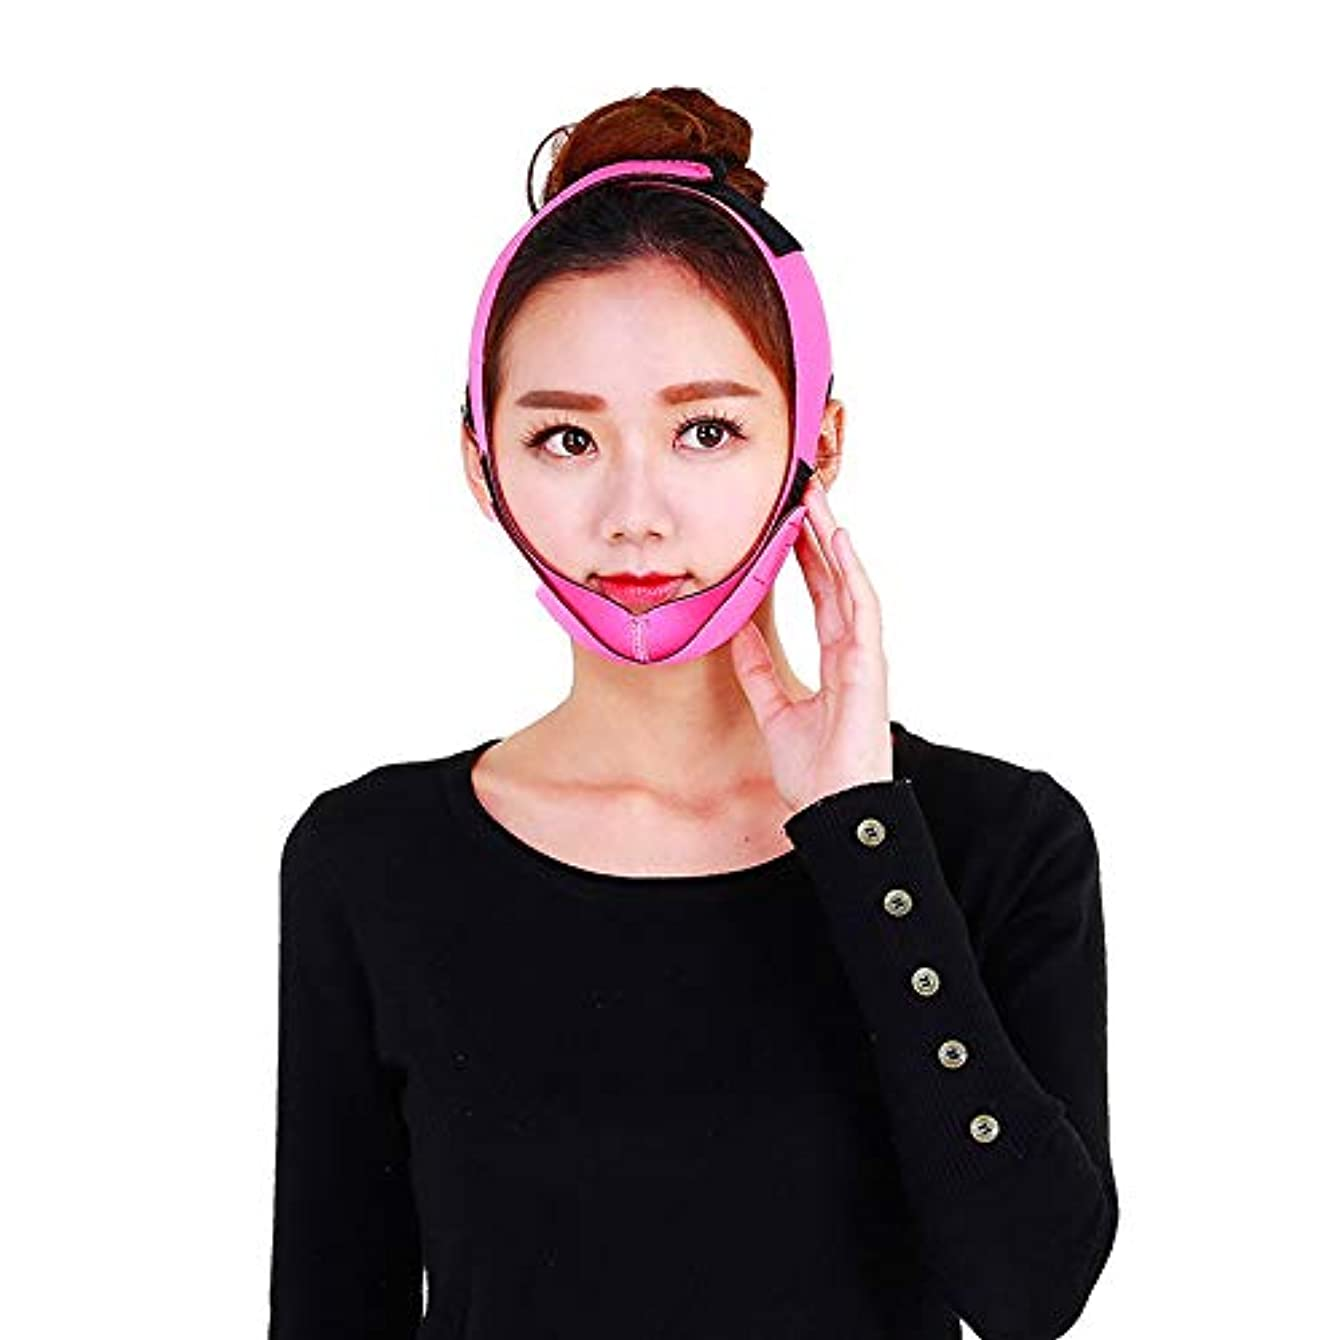 一般化するダイアクリティカルブラシBS 顔の持ち上がる痩身ベルト - 薄い顔包帯二重あごのデバイス無料の顔のマッサージ整形マスクが顔と首を締めます フェイスリフティングアーティファクト